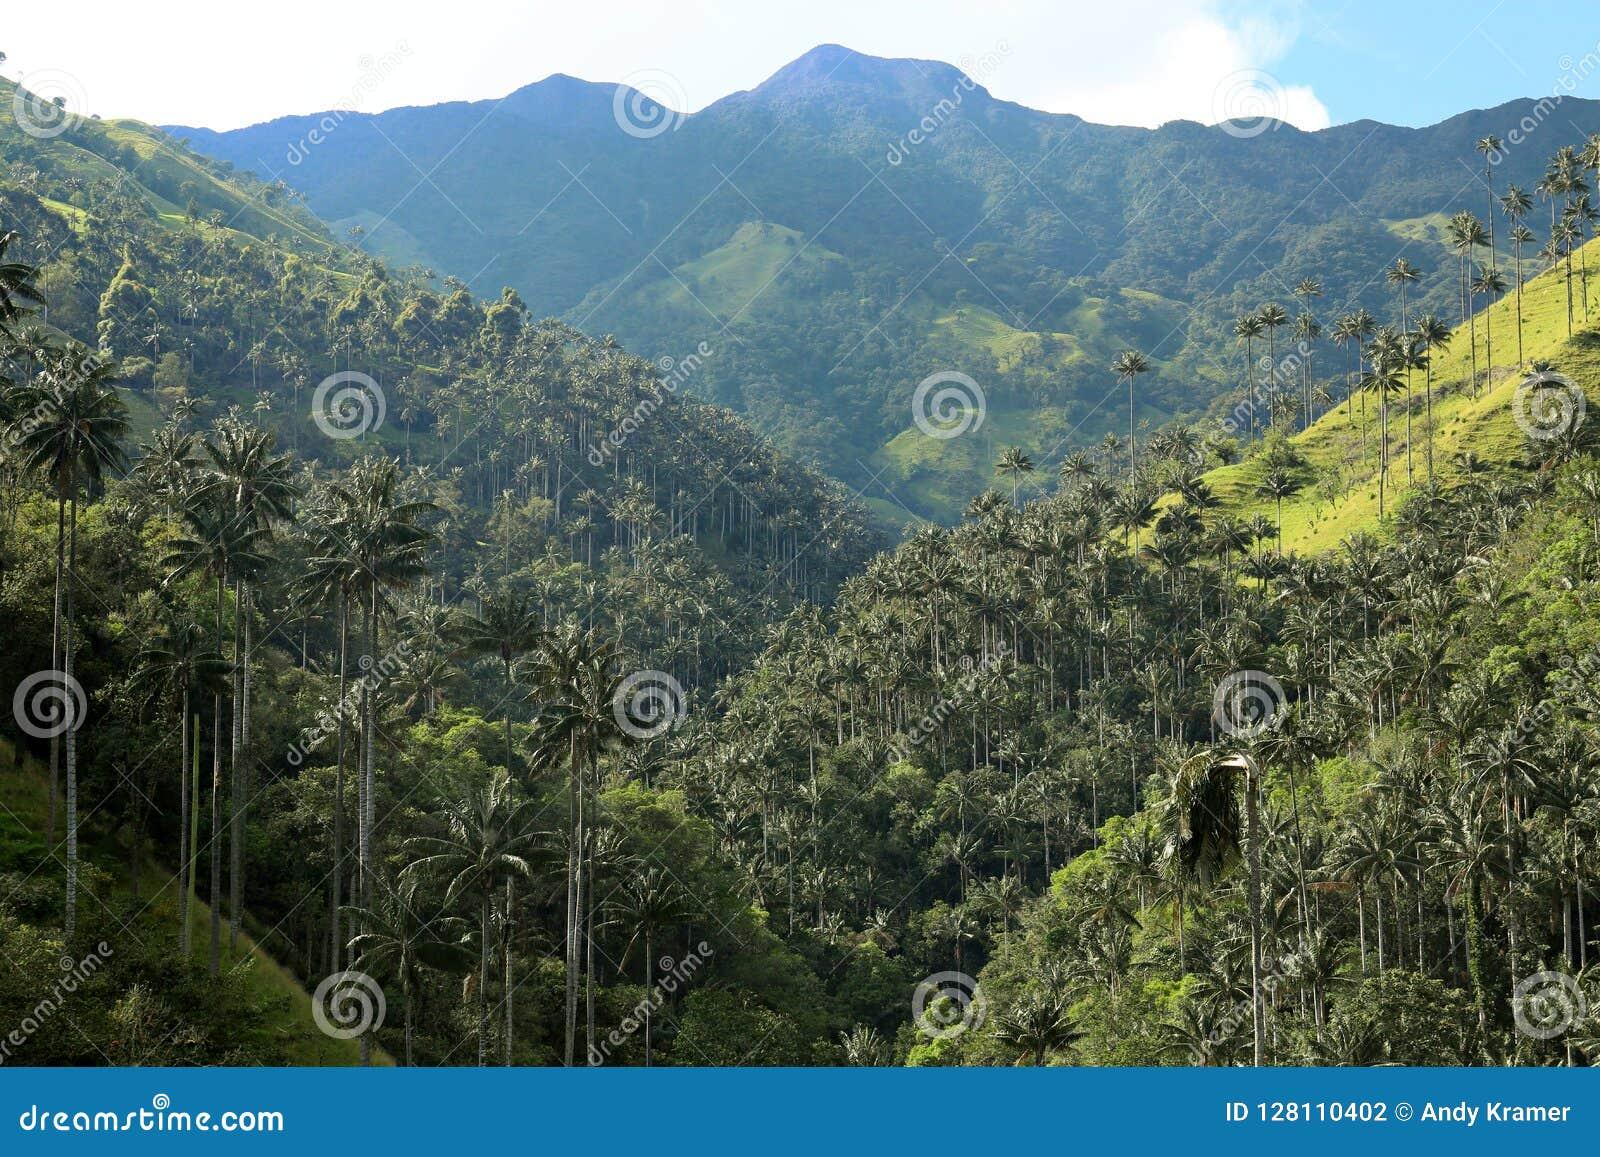 Cocora dal som ett förtrollande landskap som över stås högt av det berömda jätte- vaxet, gömma i handflatan Salento Colombia